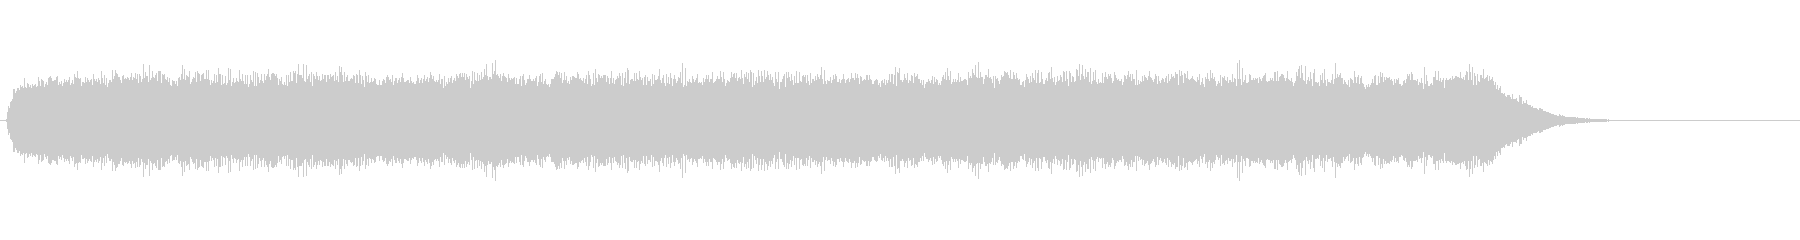 レーザーハーシュサウンドラウドデジタルの未再生の波形